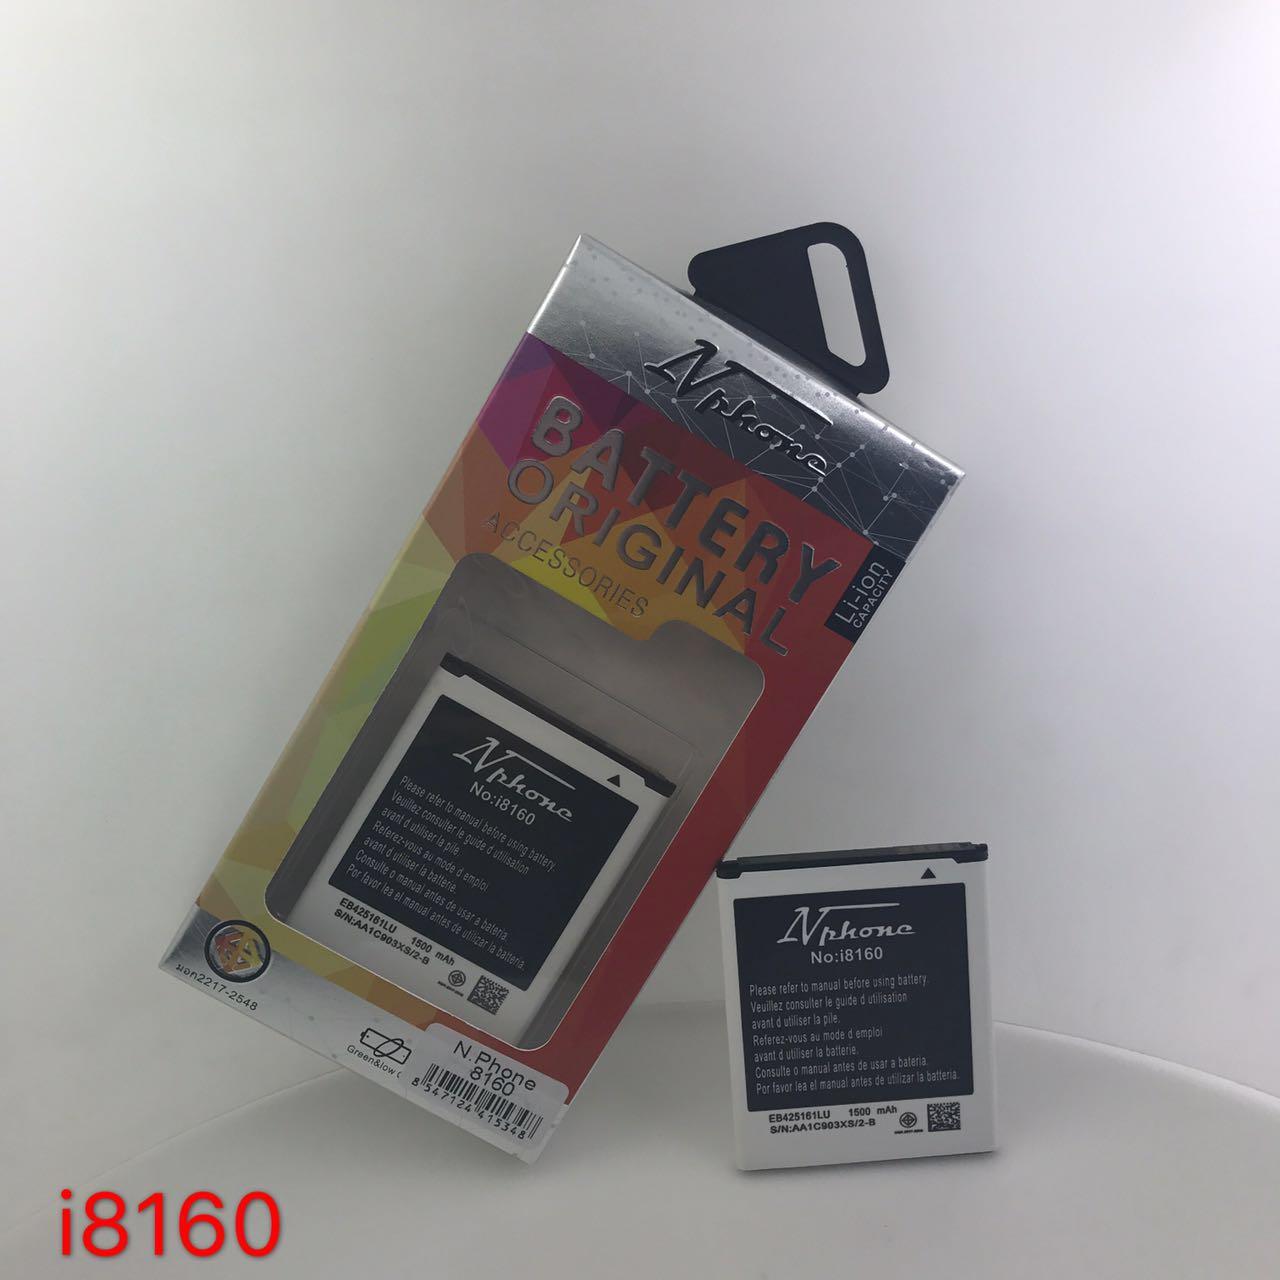 แบตเตอร์รี่ งานบริษัท ( มี มอก ไส้เต็ม ) Samsung Galaxy Ace 2 / i 8160